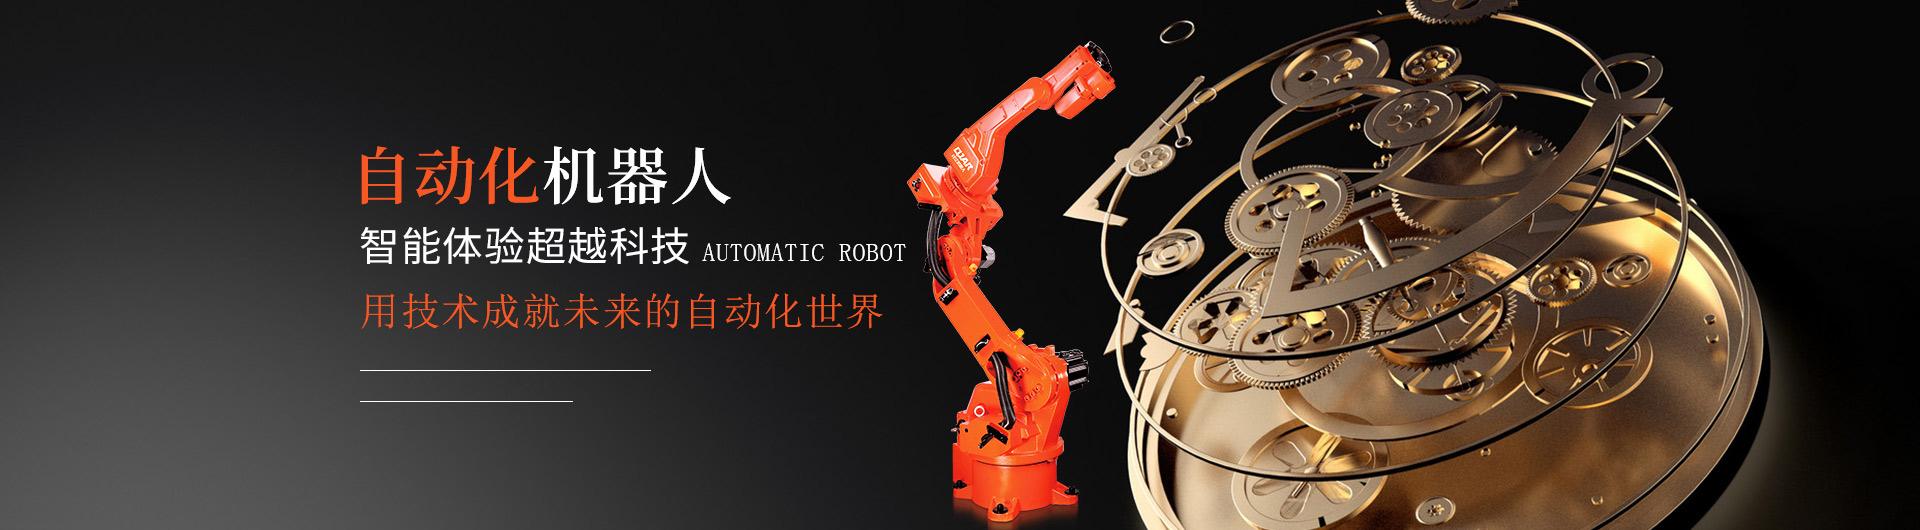 重庆码垛机器人